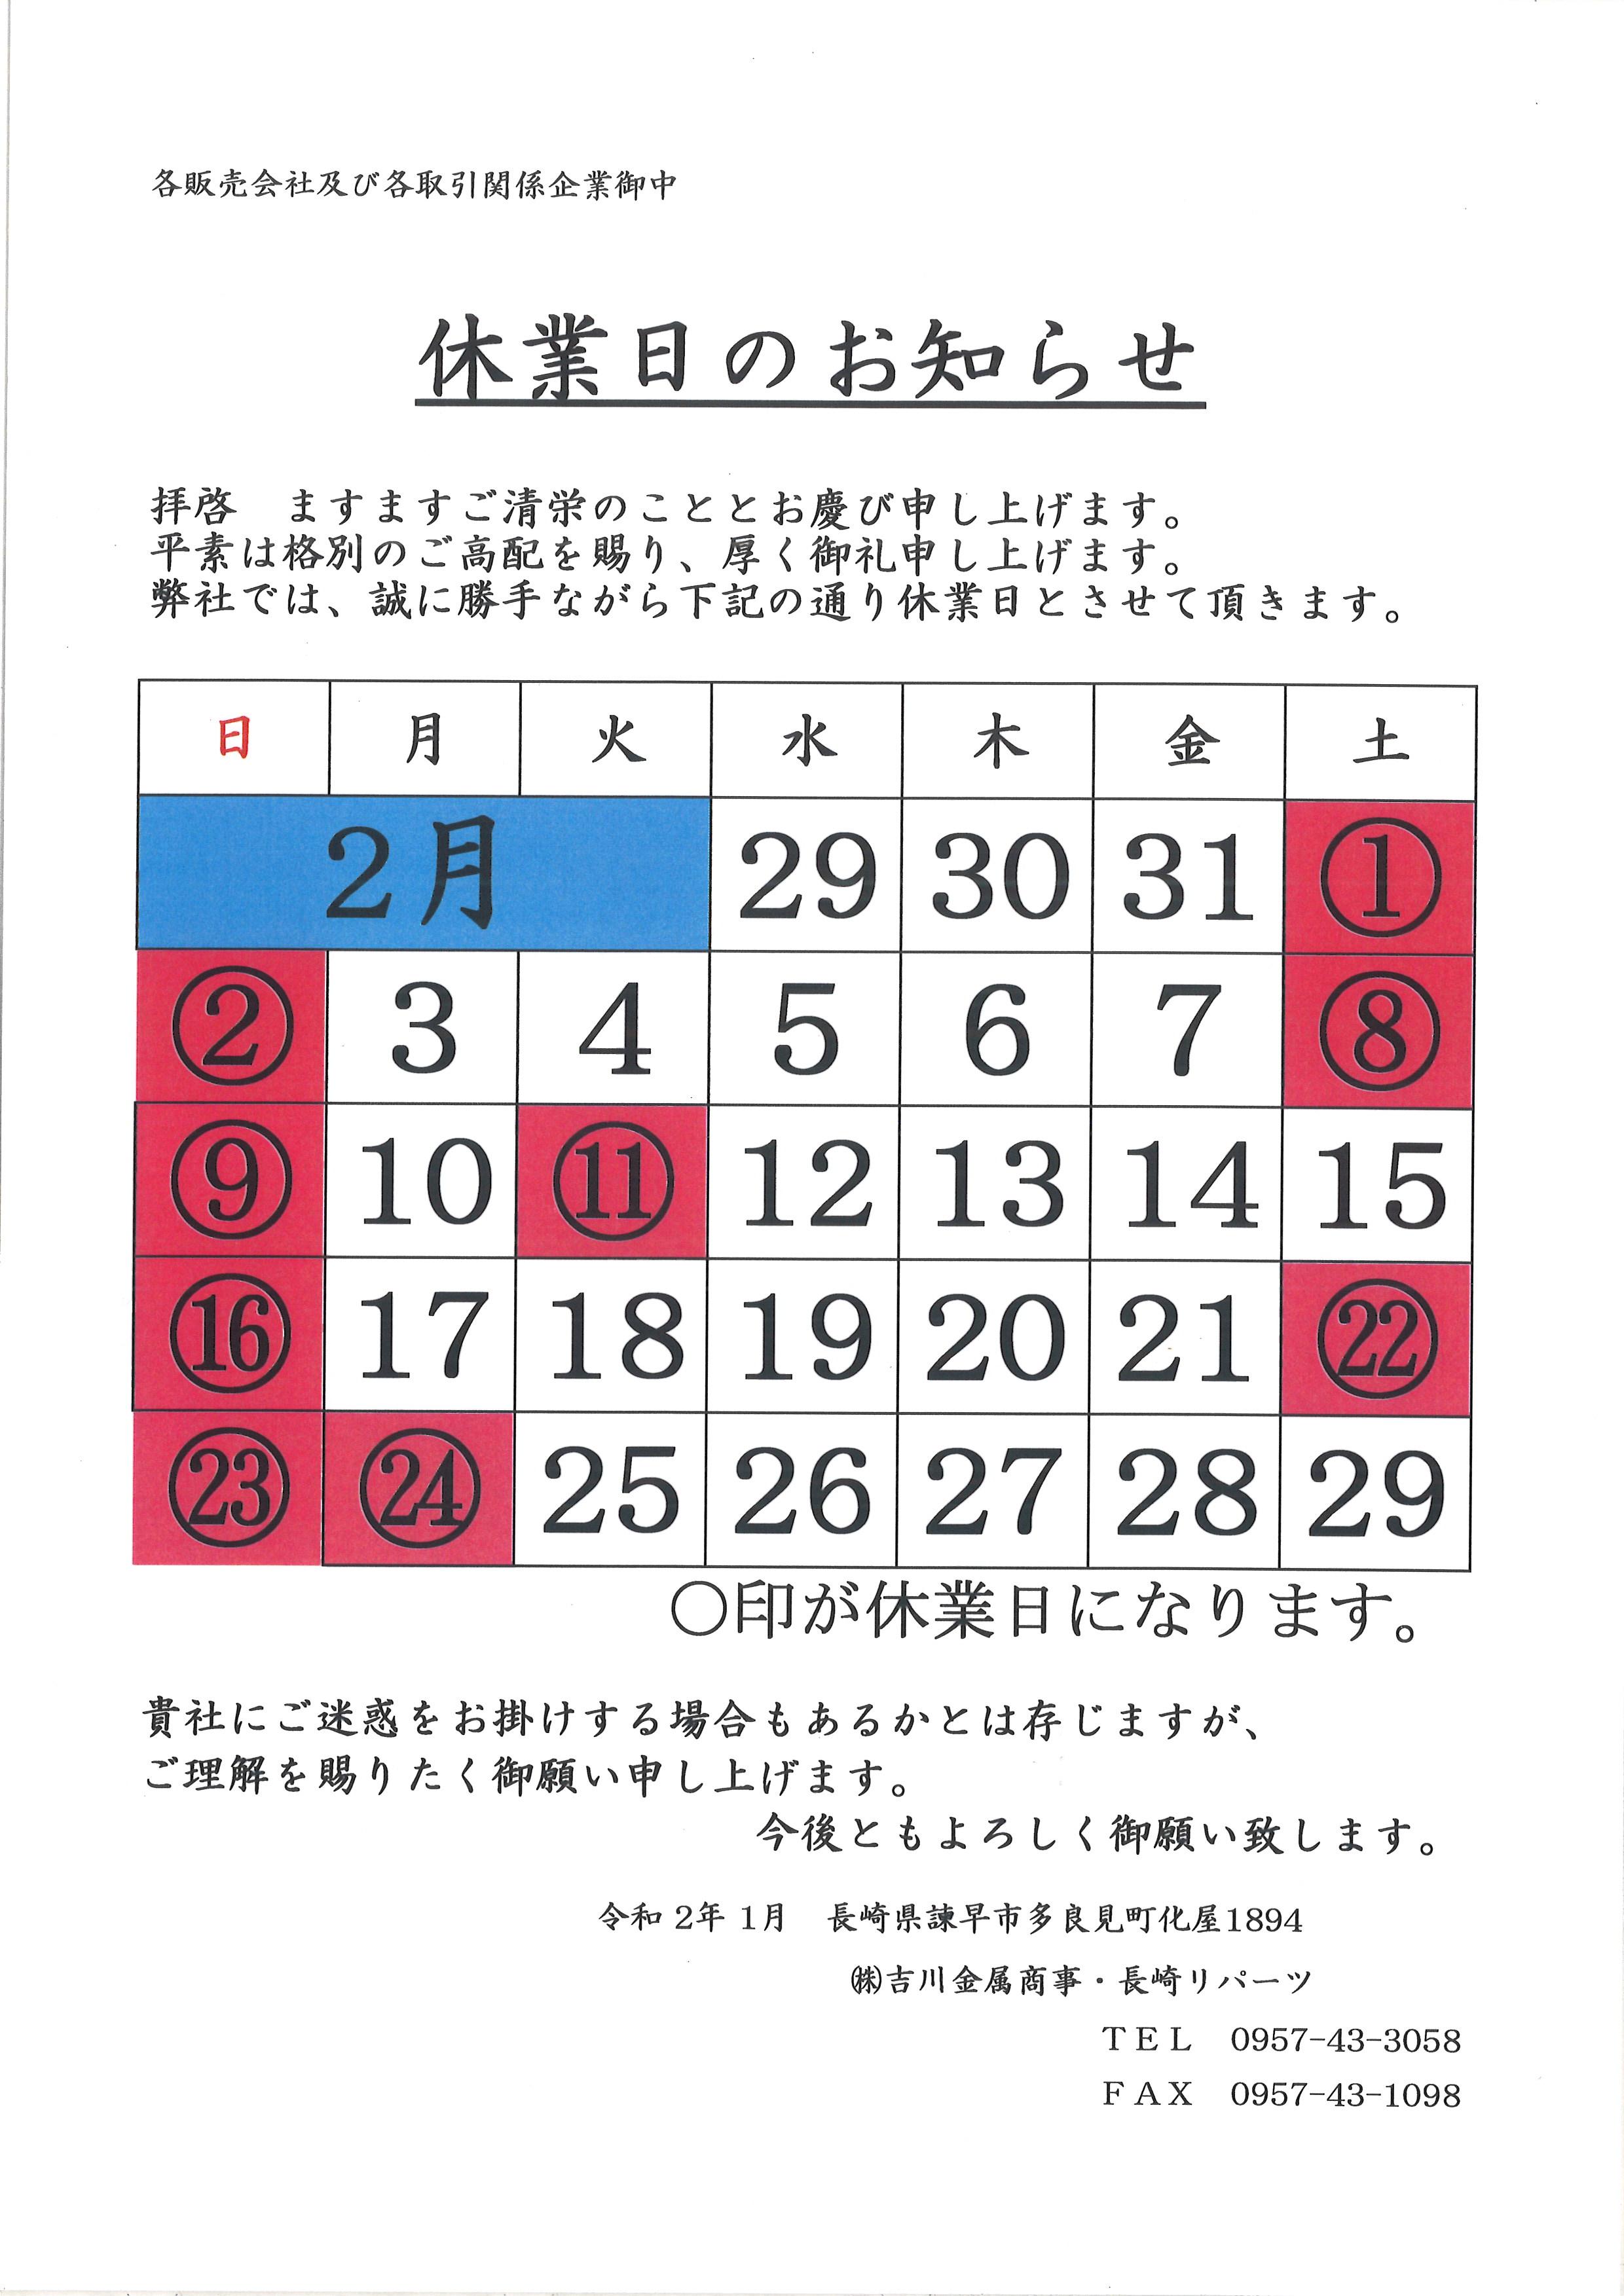 2月の休業日になります。